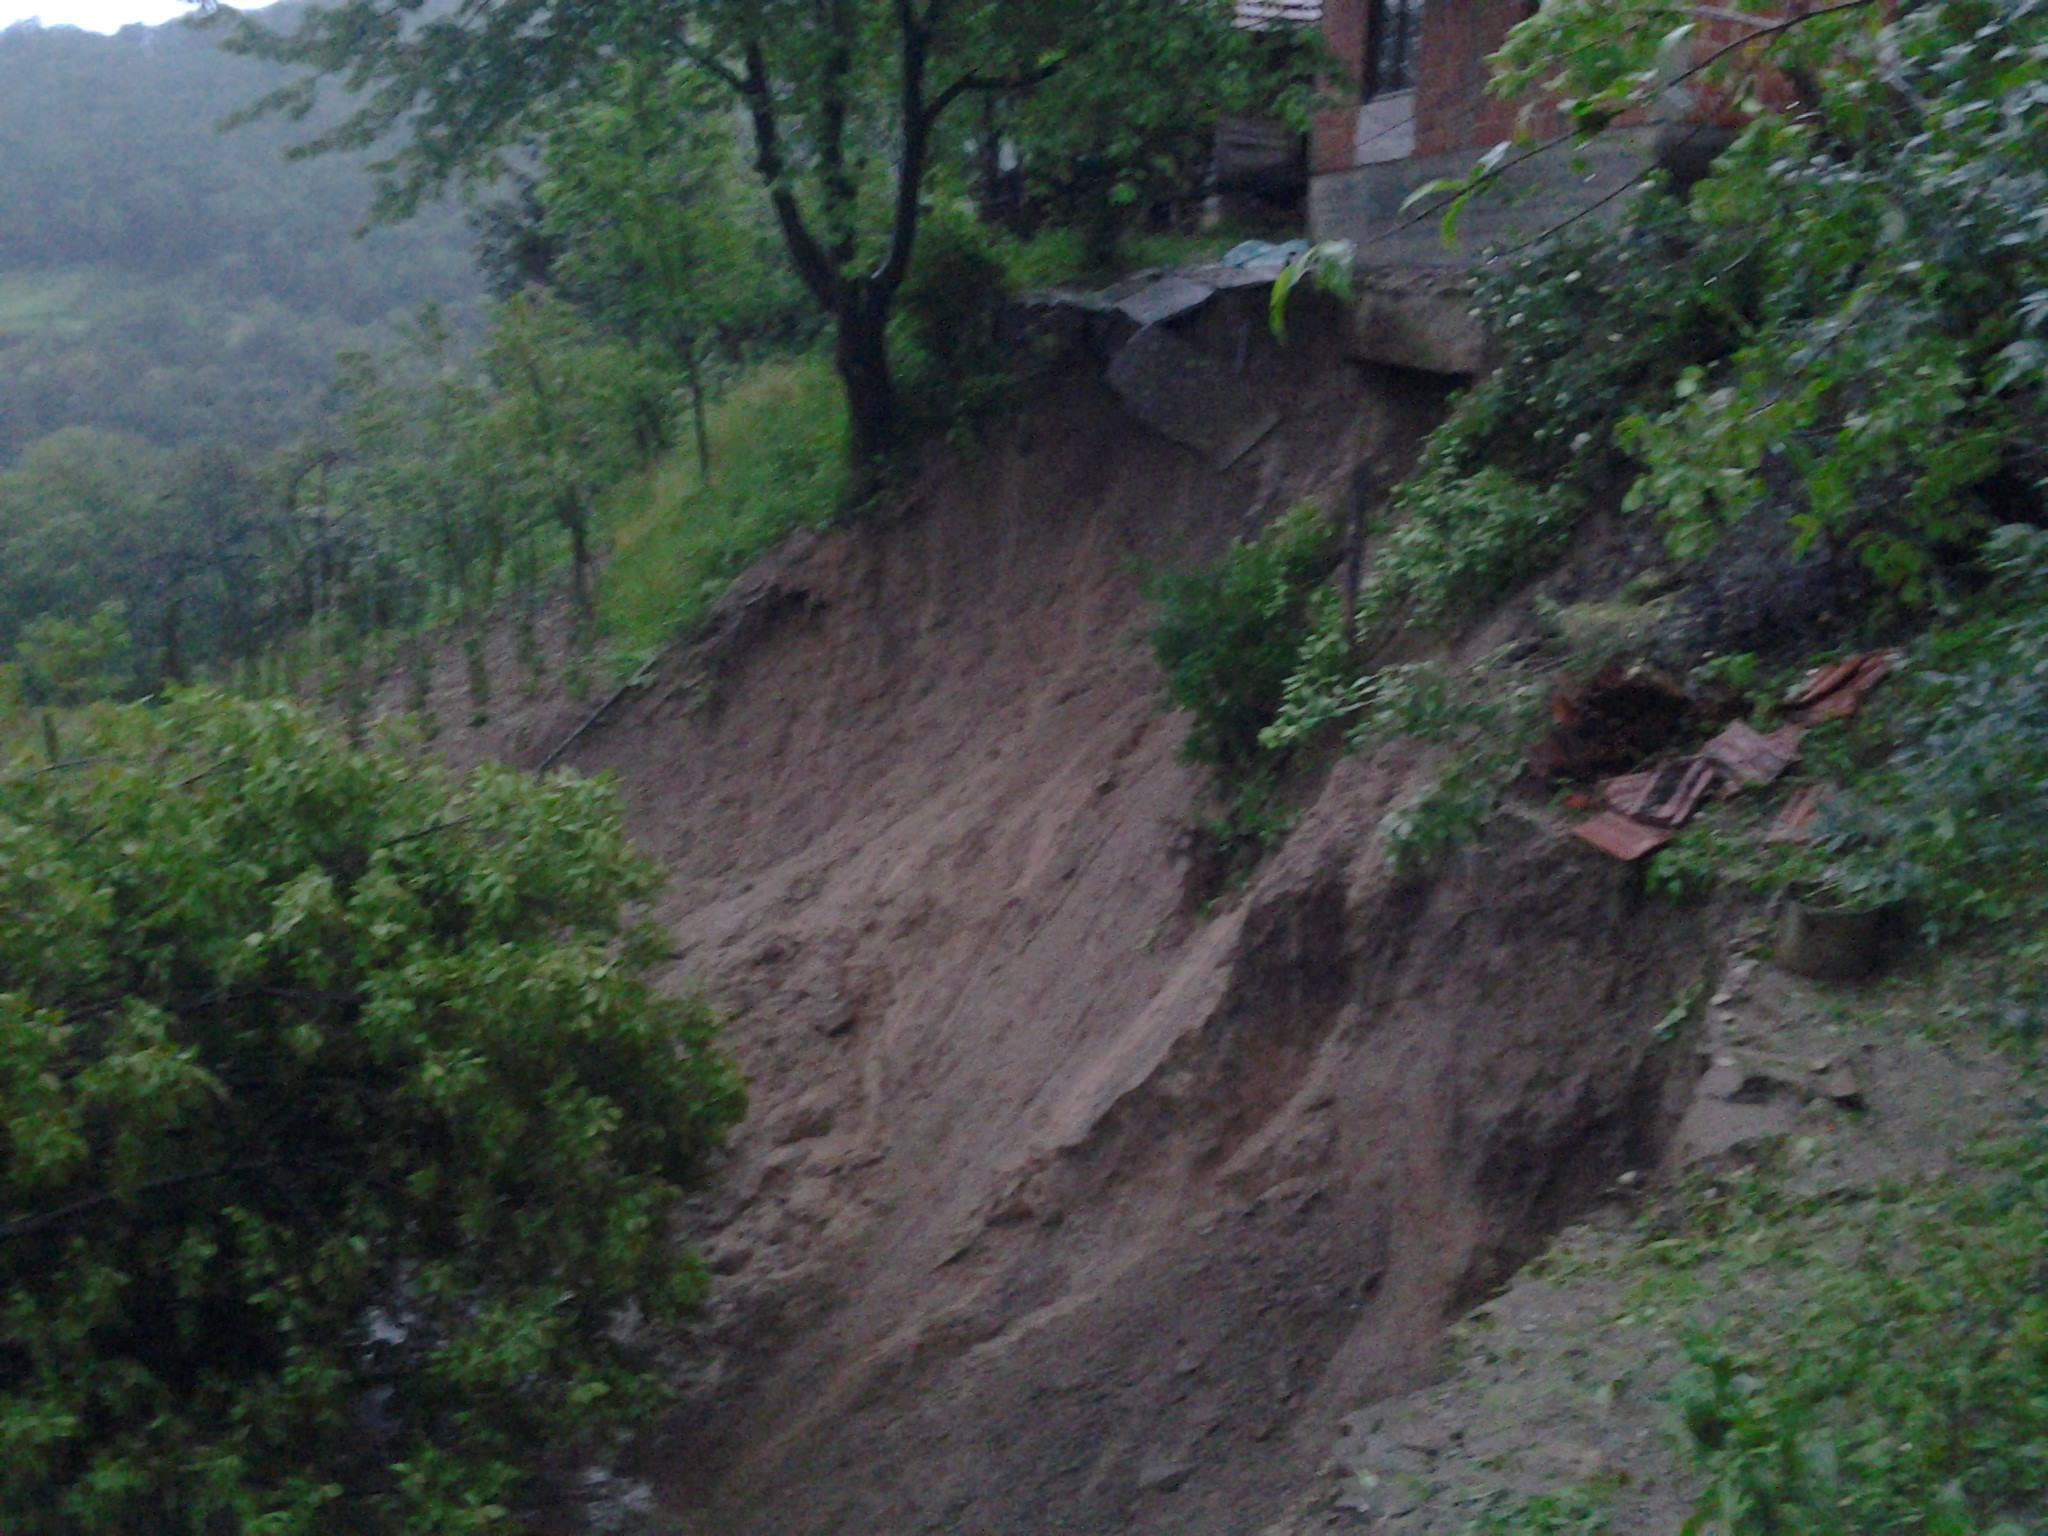 Pregedate slike iz članka: Katastrofalne poplave i klizišta